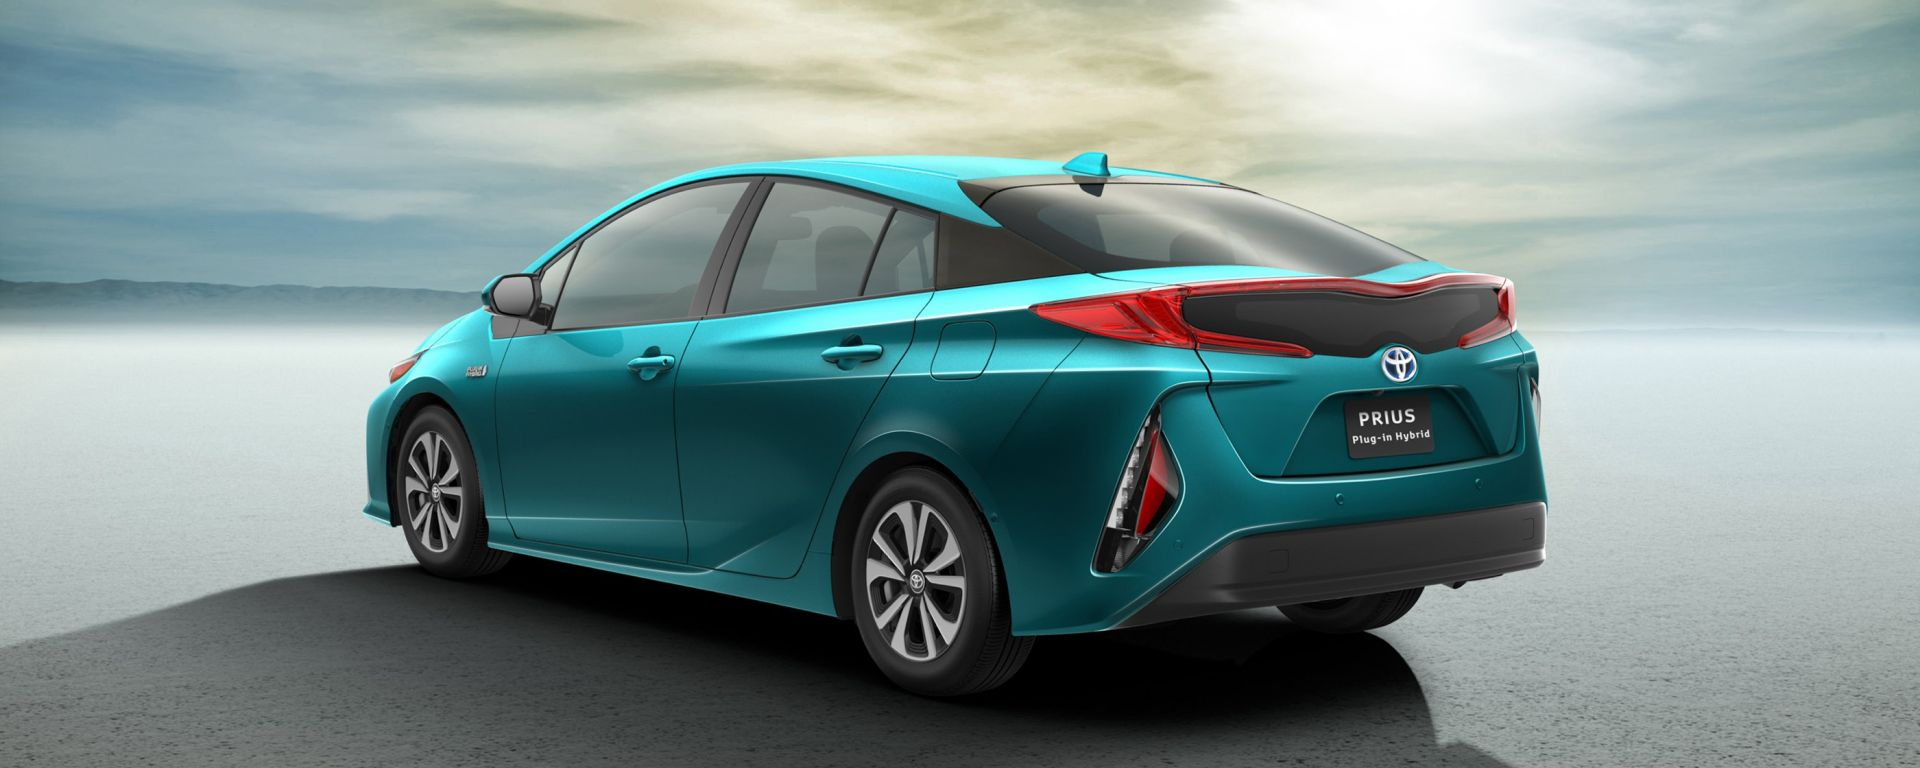 Mazda e Toyota: partnership per l'auto elettrica